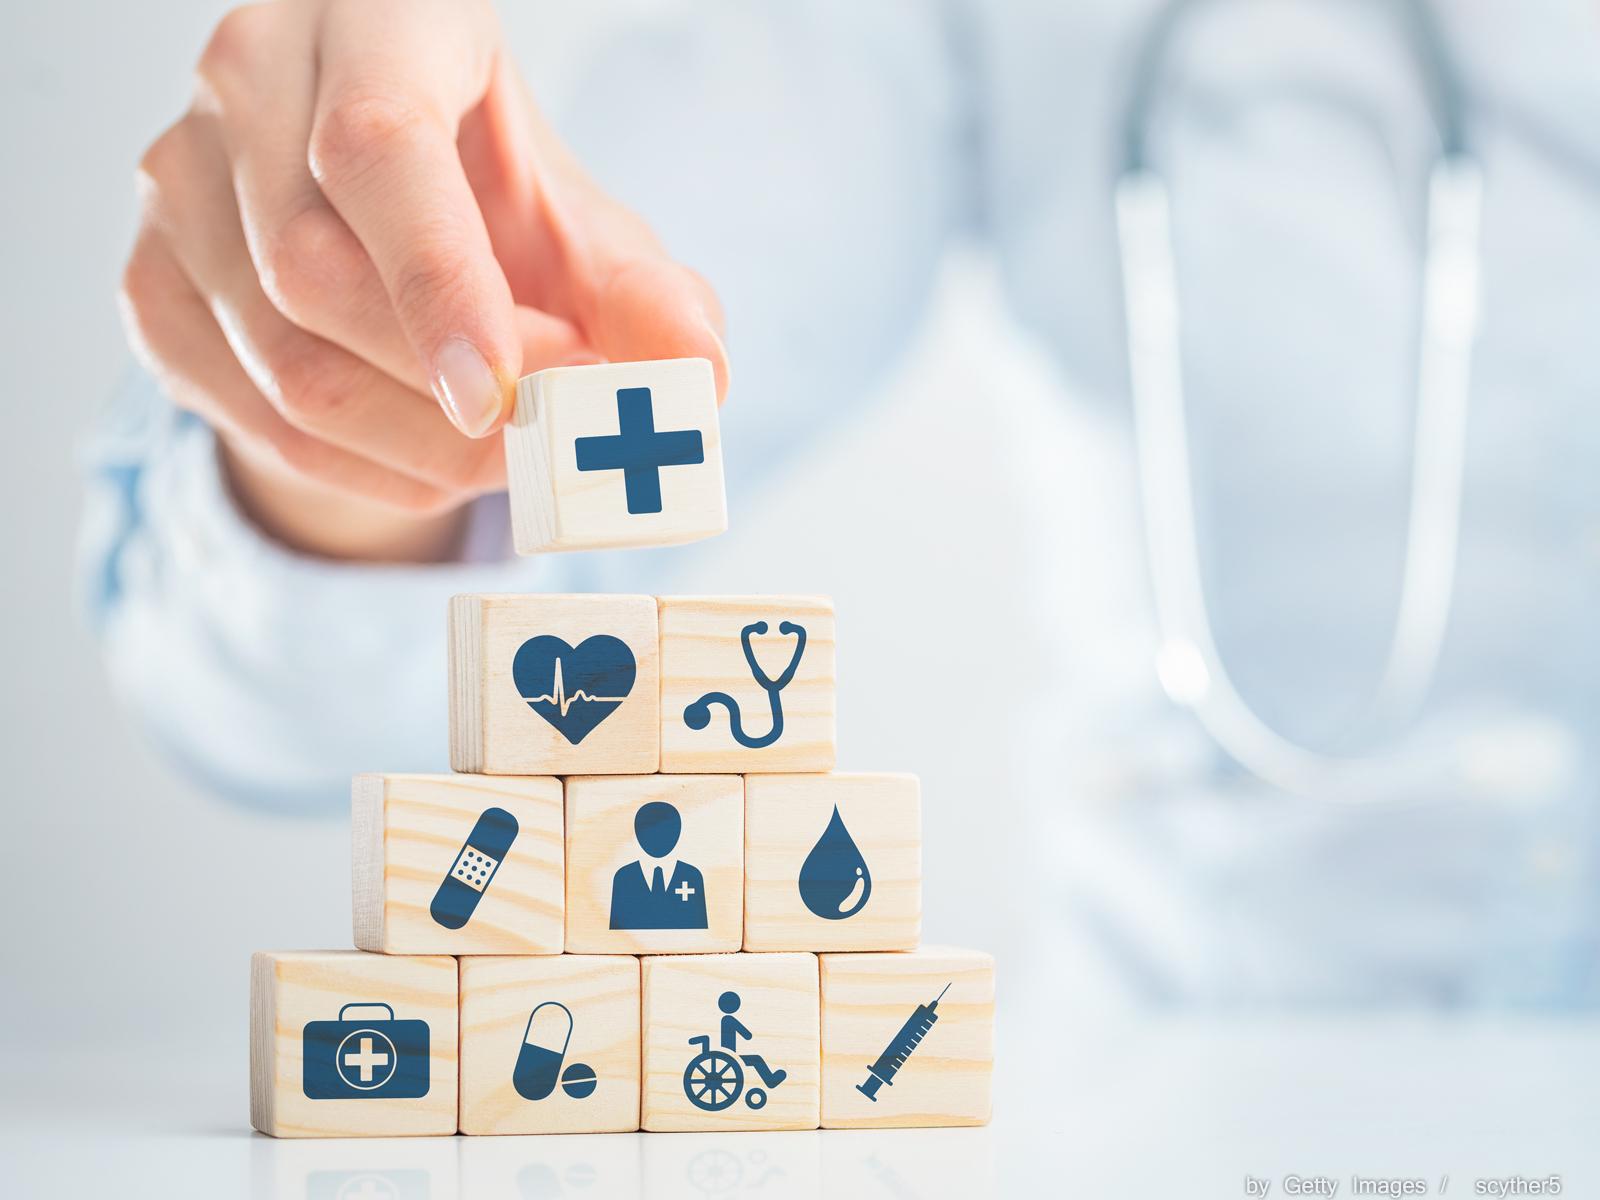 Dia Mundial da Saúde: confira nossos conteúdos sobre o tema!